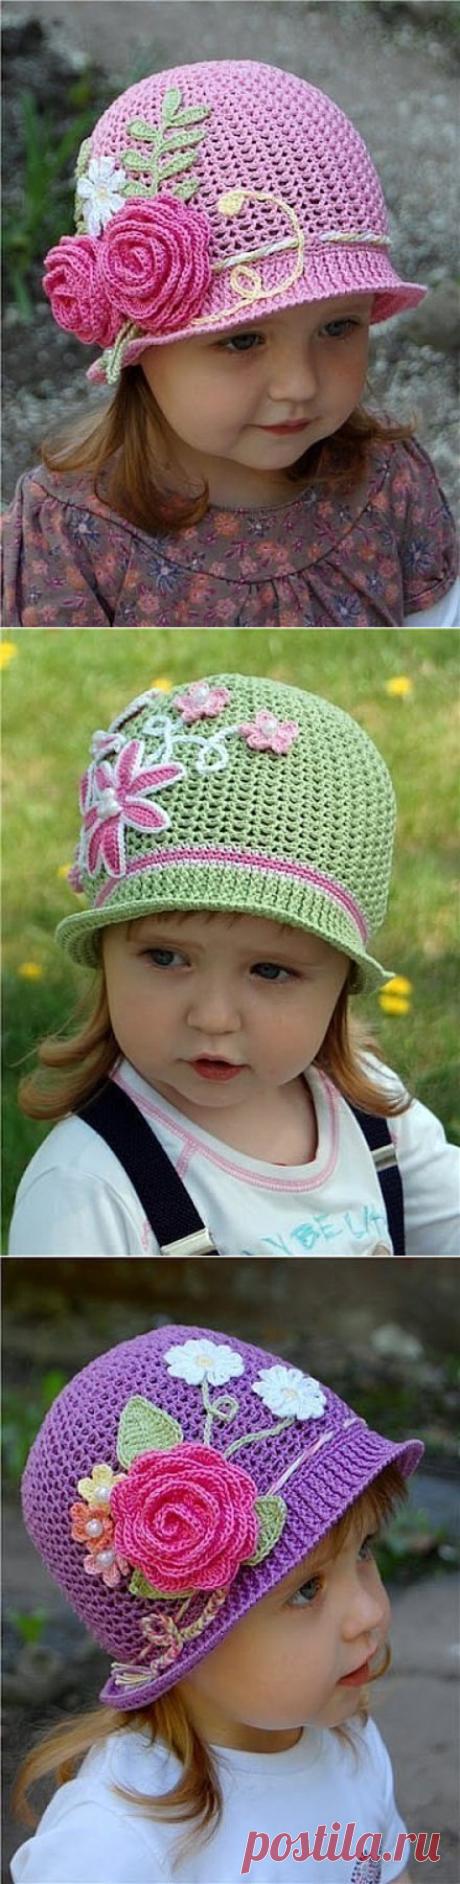 Летние шляпки-панамки для девочек (Вязание крючком) — Журнал Вдохновение Рукодельницы